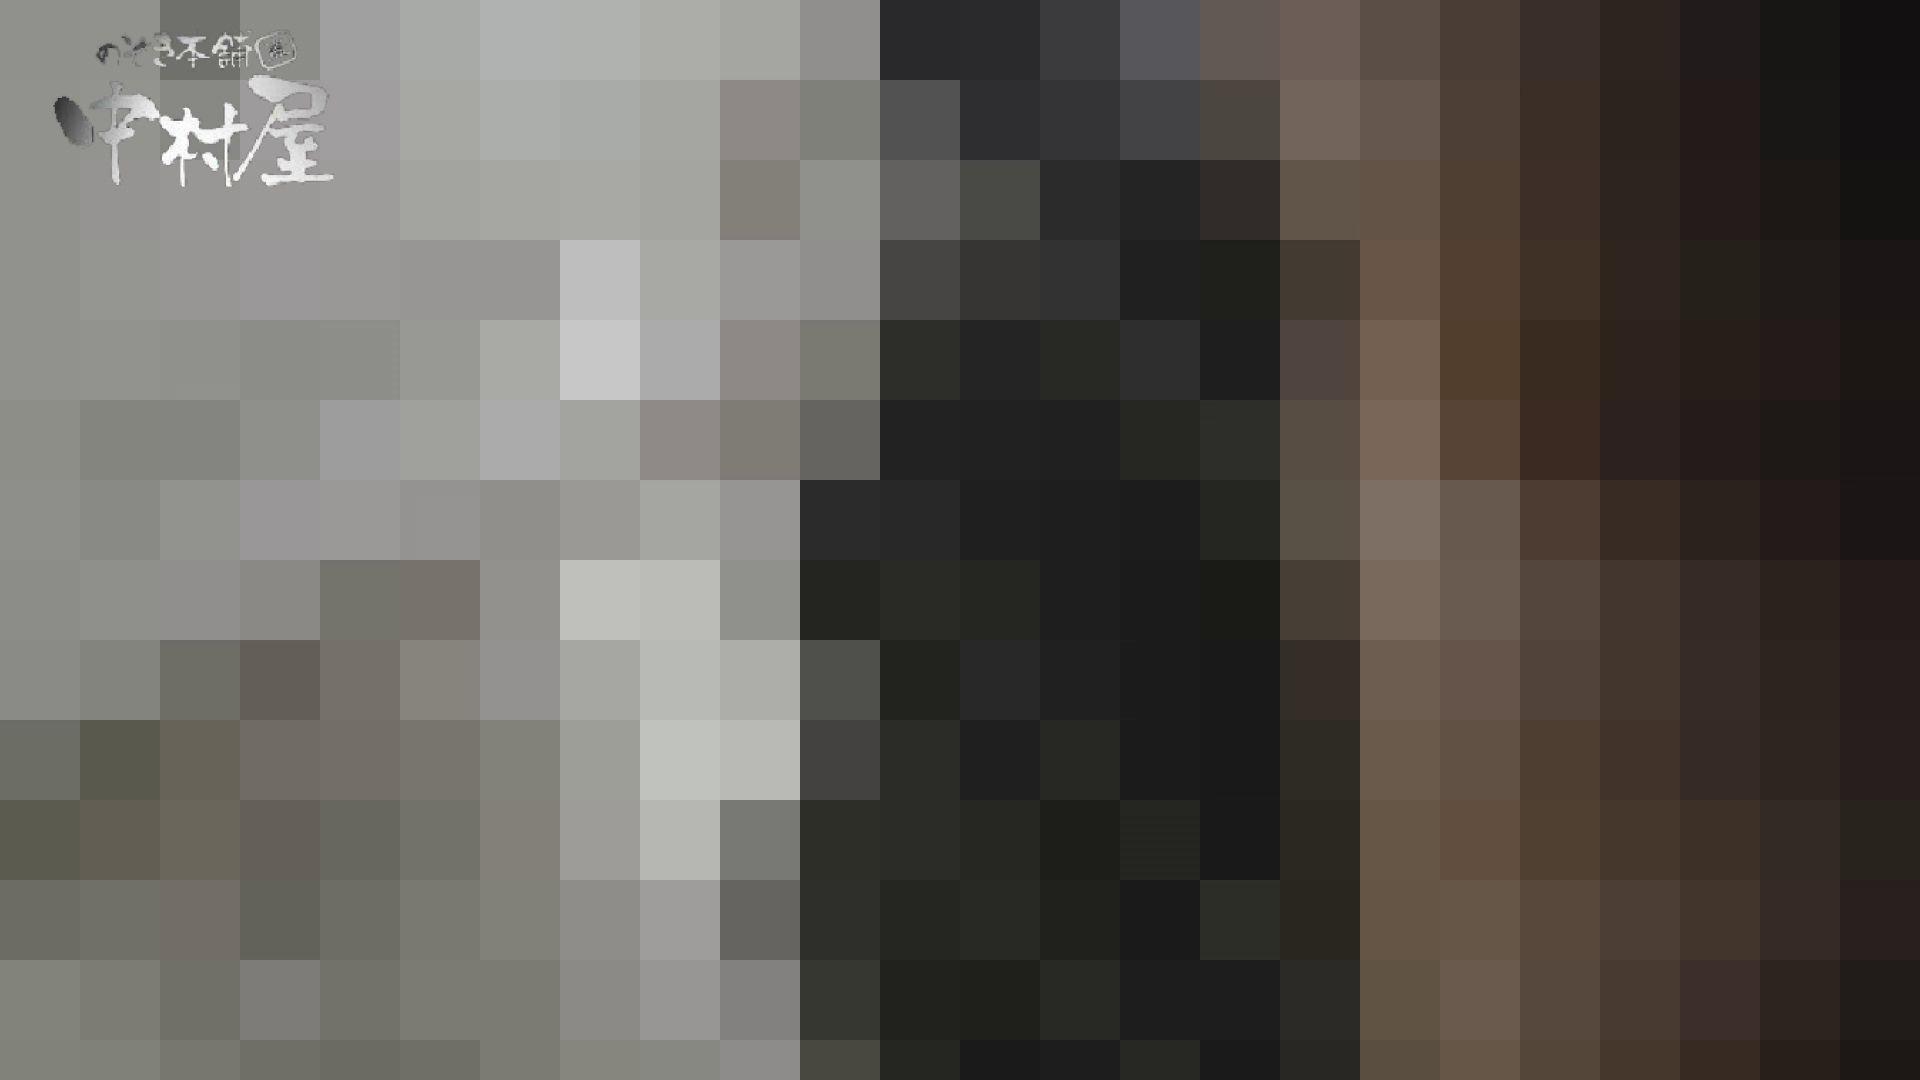 【世界の射窓から】世界の射窓から vol.18後編 0 | 0  88pic 9